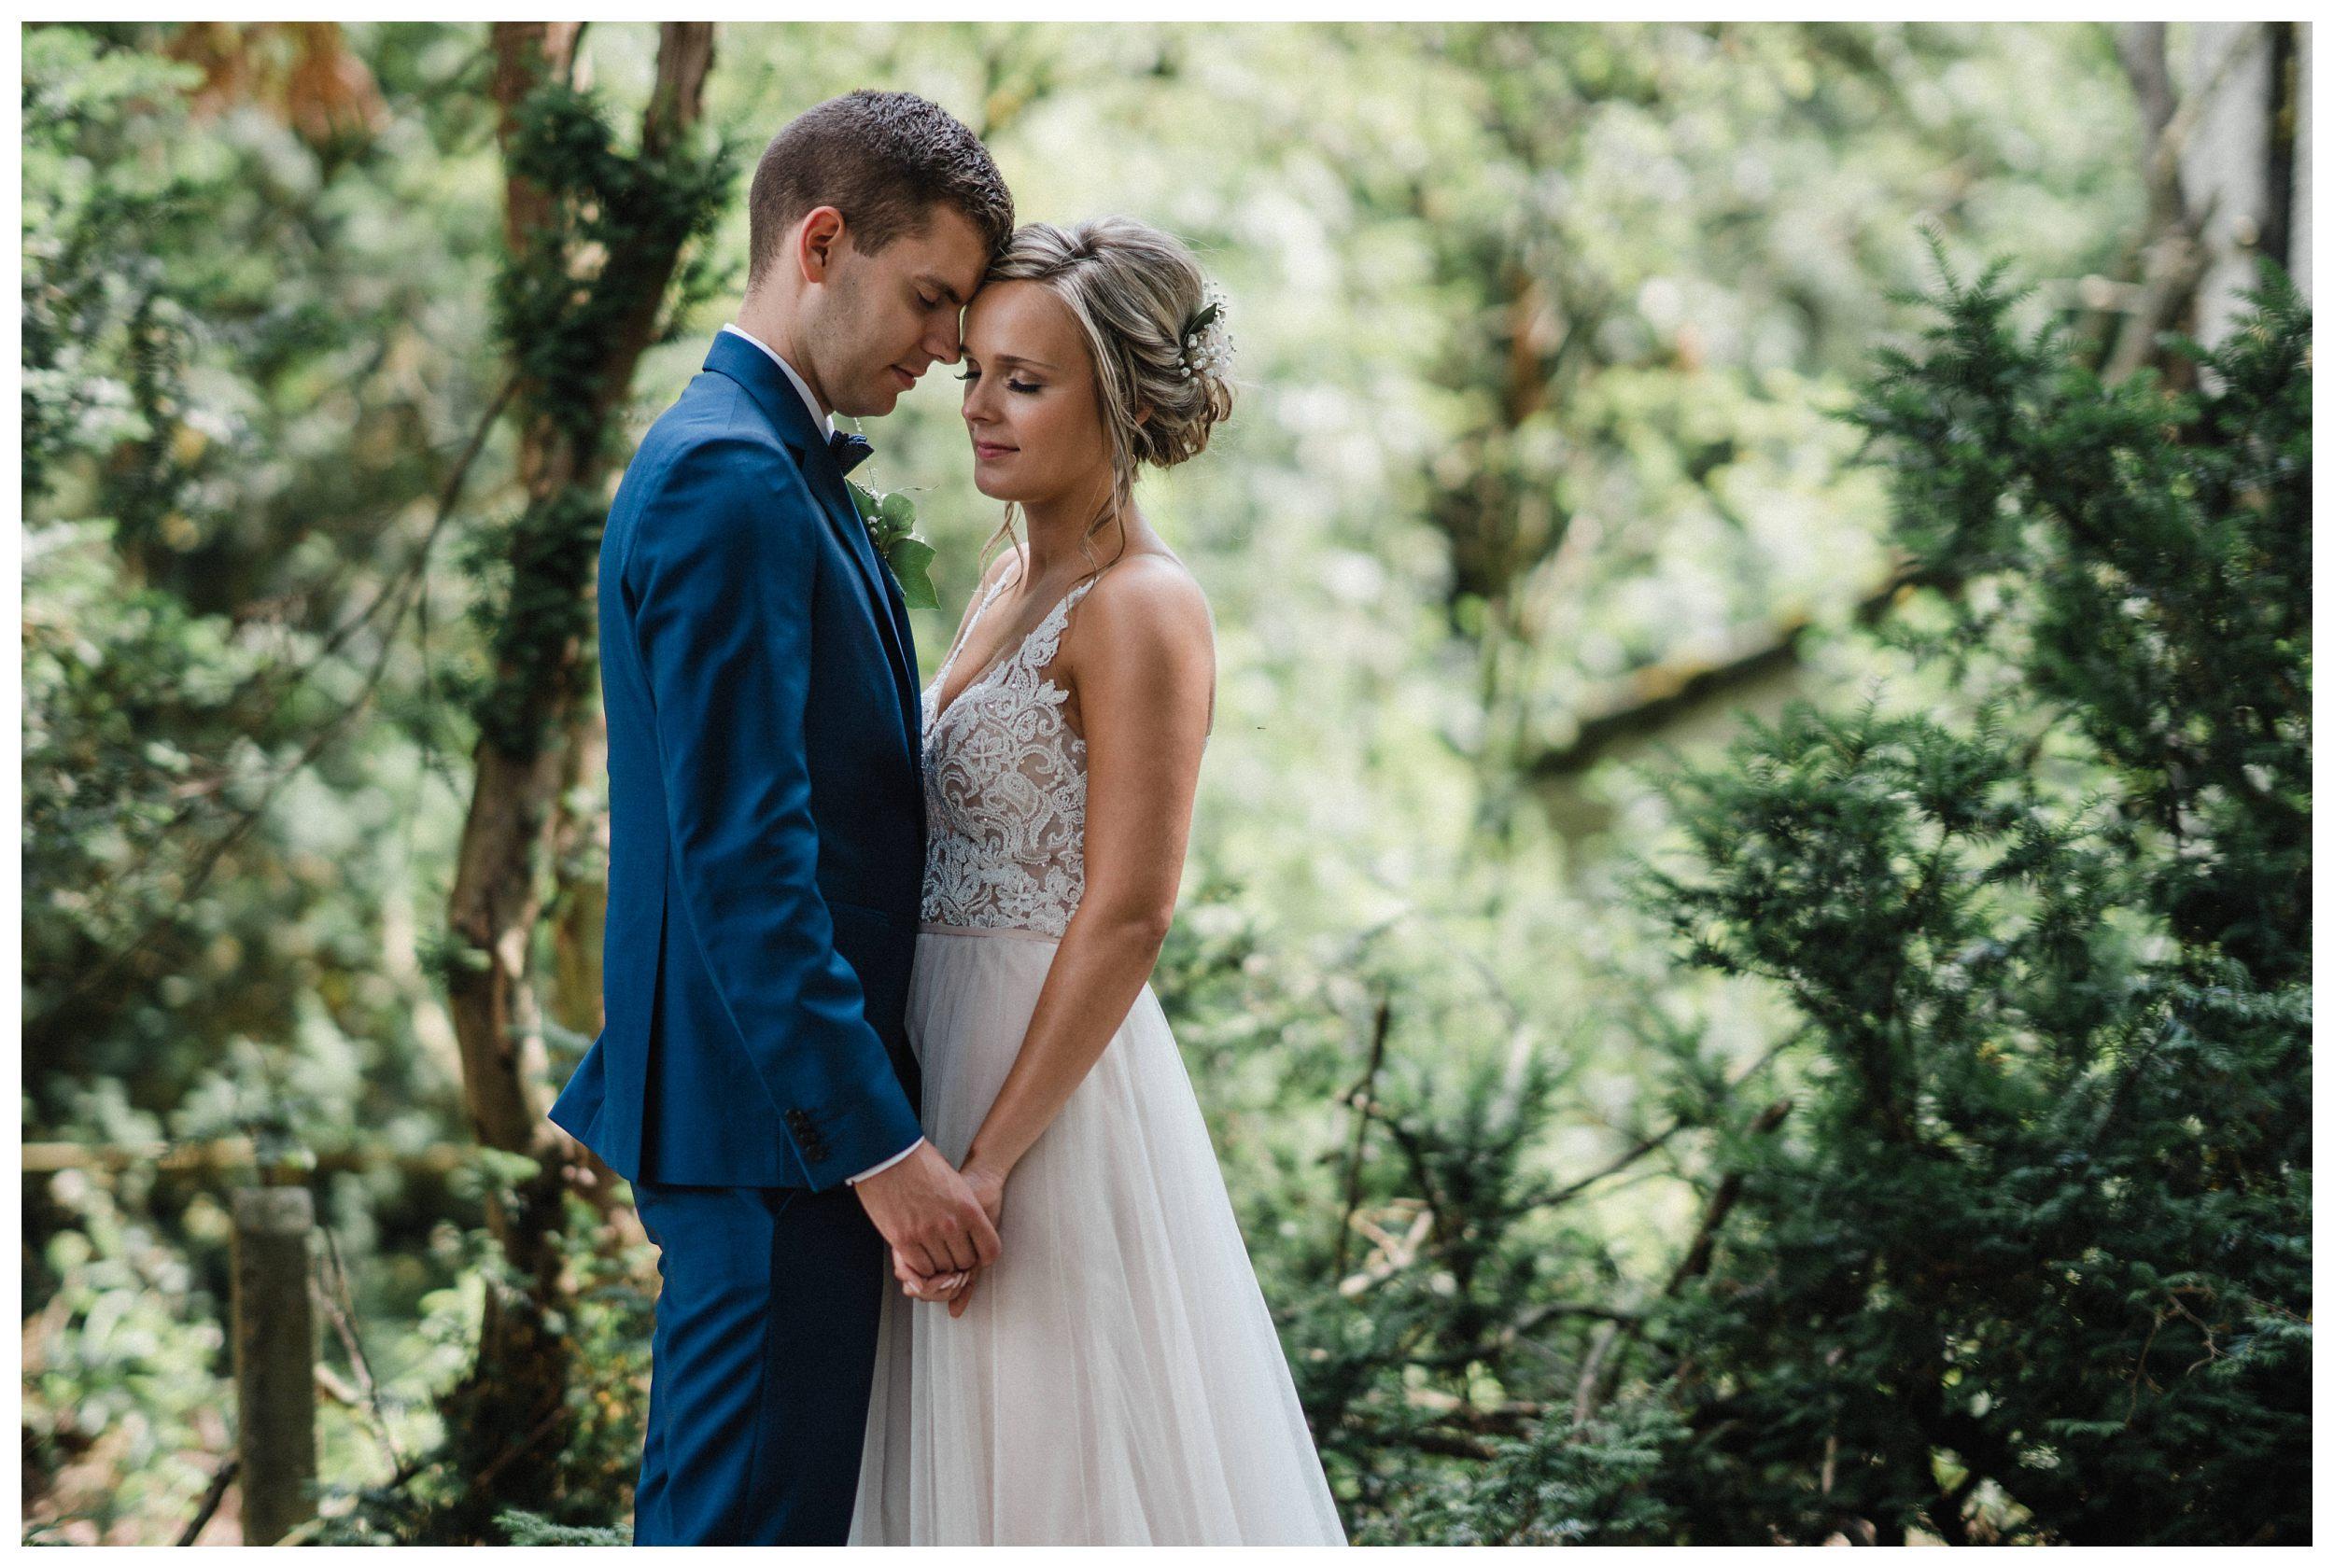 huwelijksfotograaf bruidsfotograaf destinationwedding huwelijksfotografie in mol oostham (44).jpg